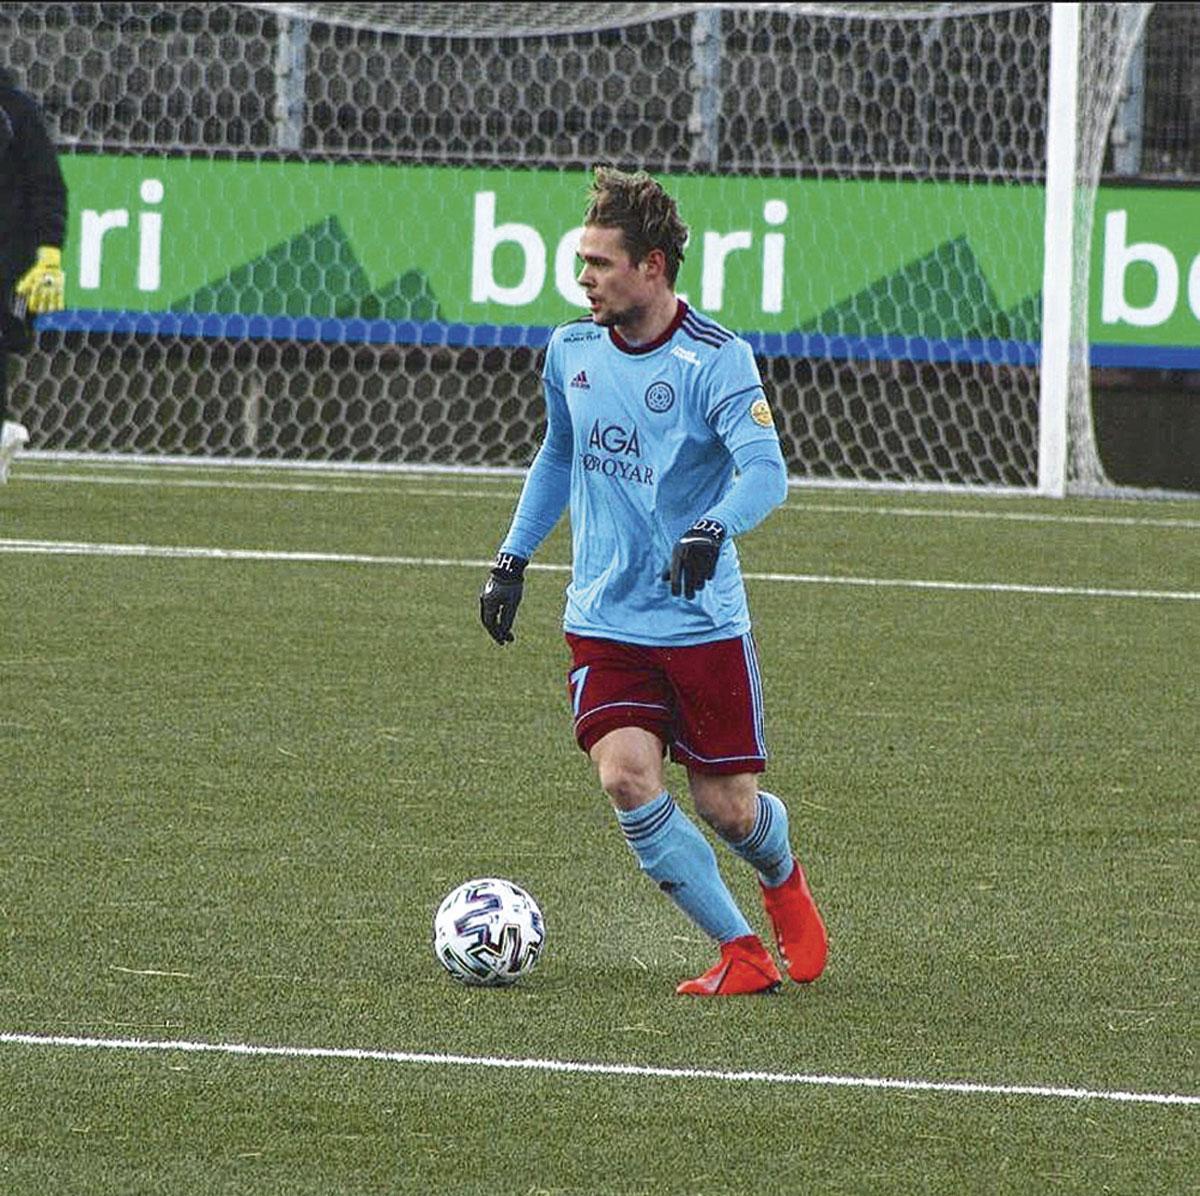 JASPER VAN DER HEYDEN             24 jaar / rechtsbuiten /  AB Argir  (eerste klasse, Faeröer), belgaimage